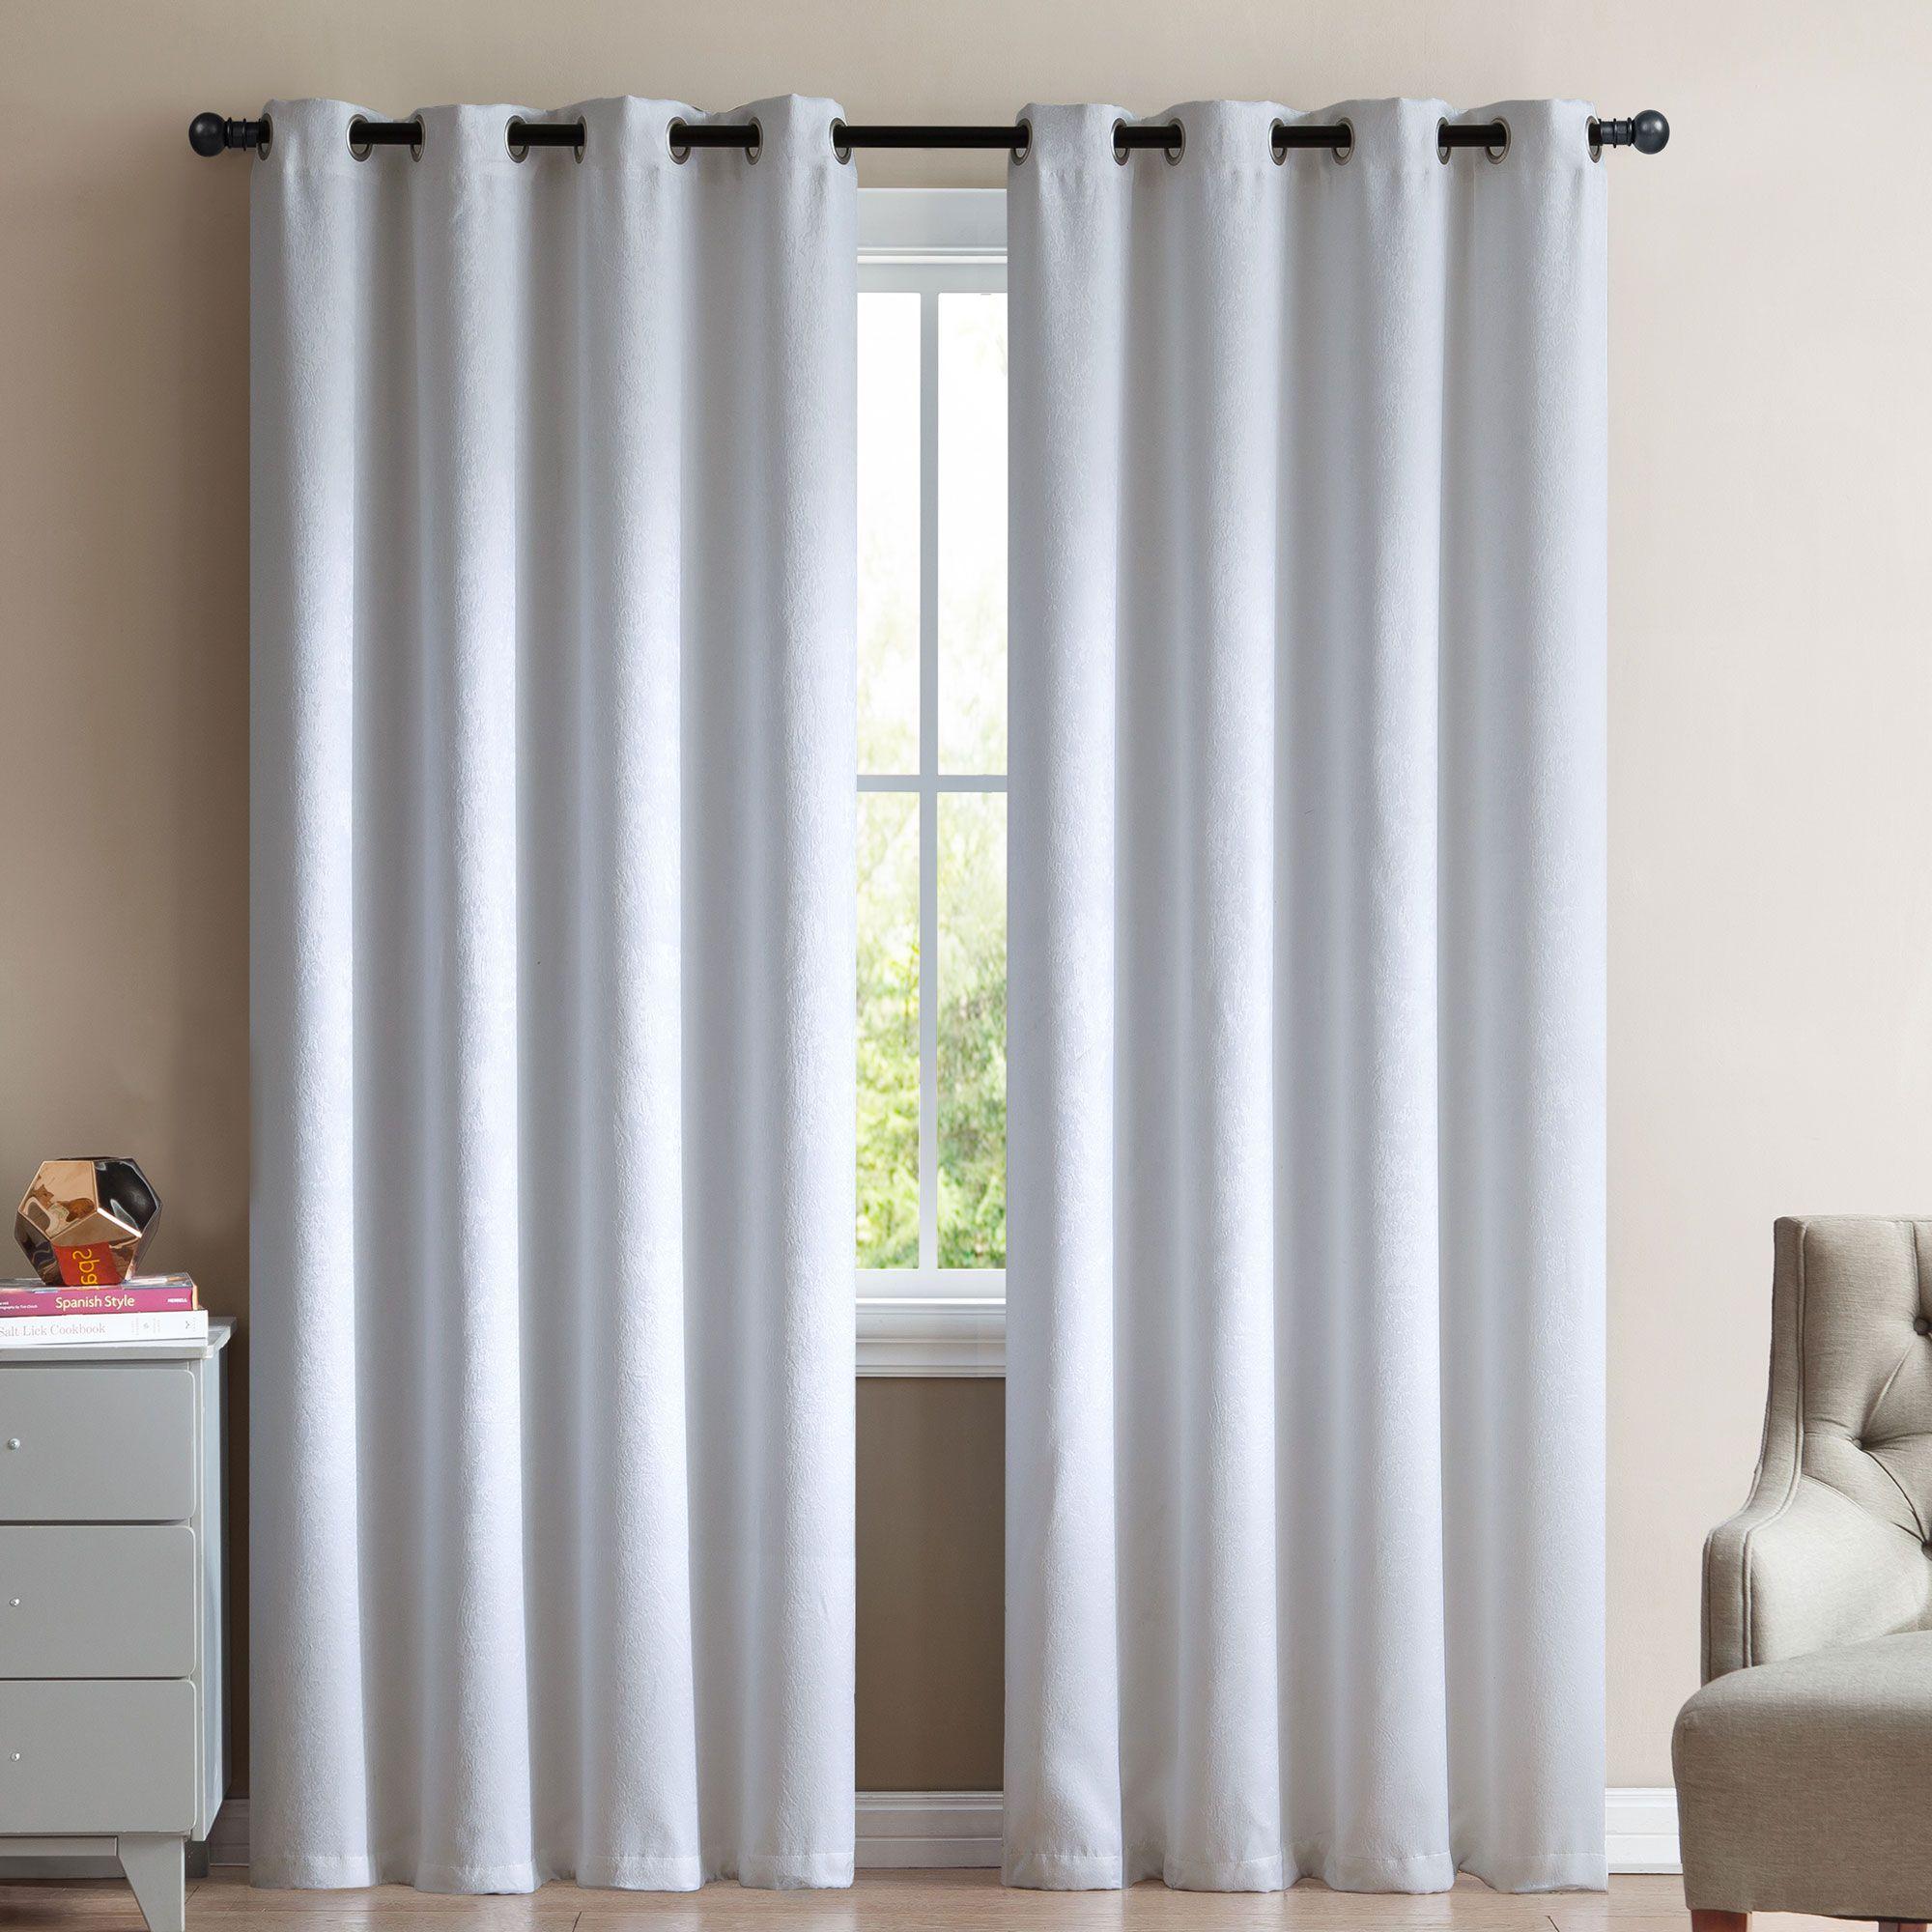 Vcny Marco 2 Blackout Window Curtains 96 White Velour Velvet